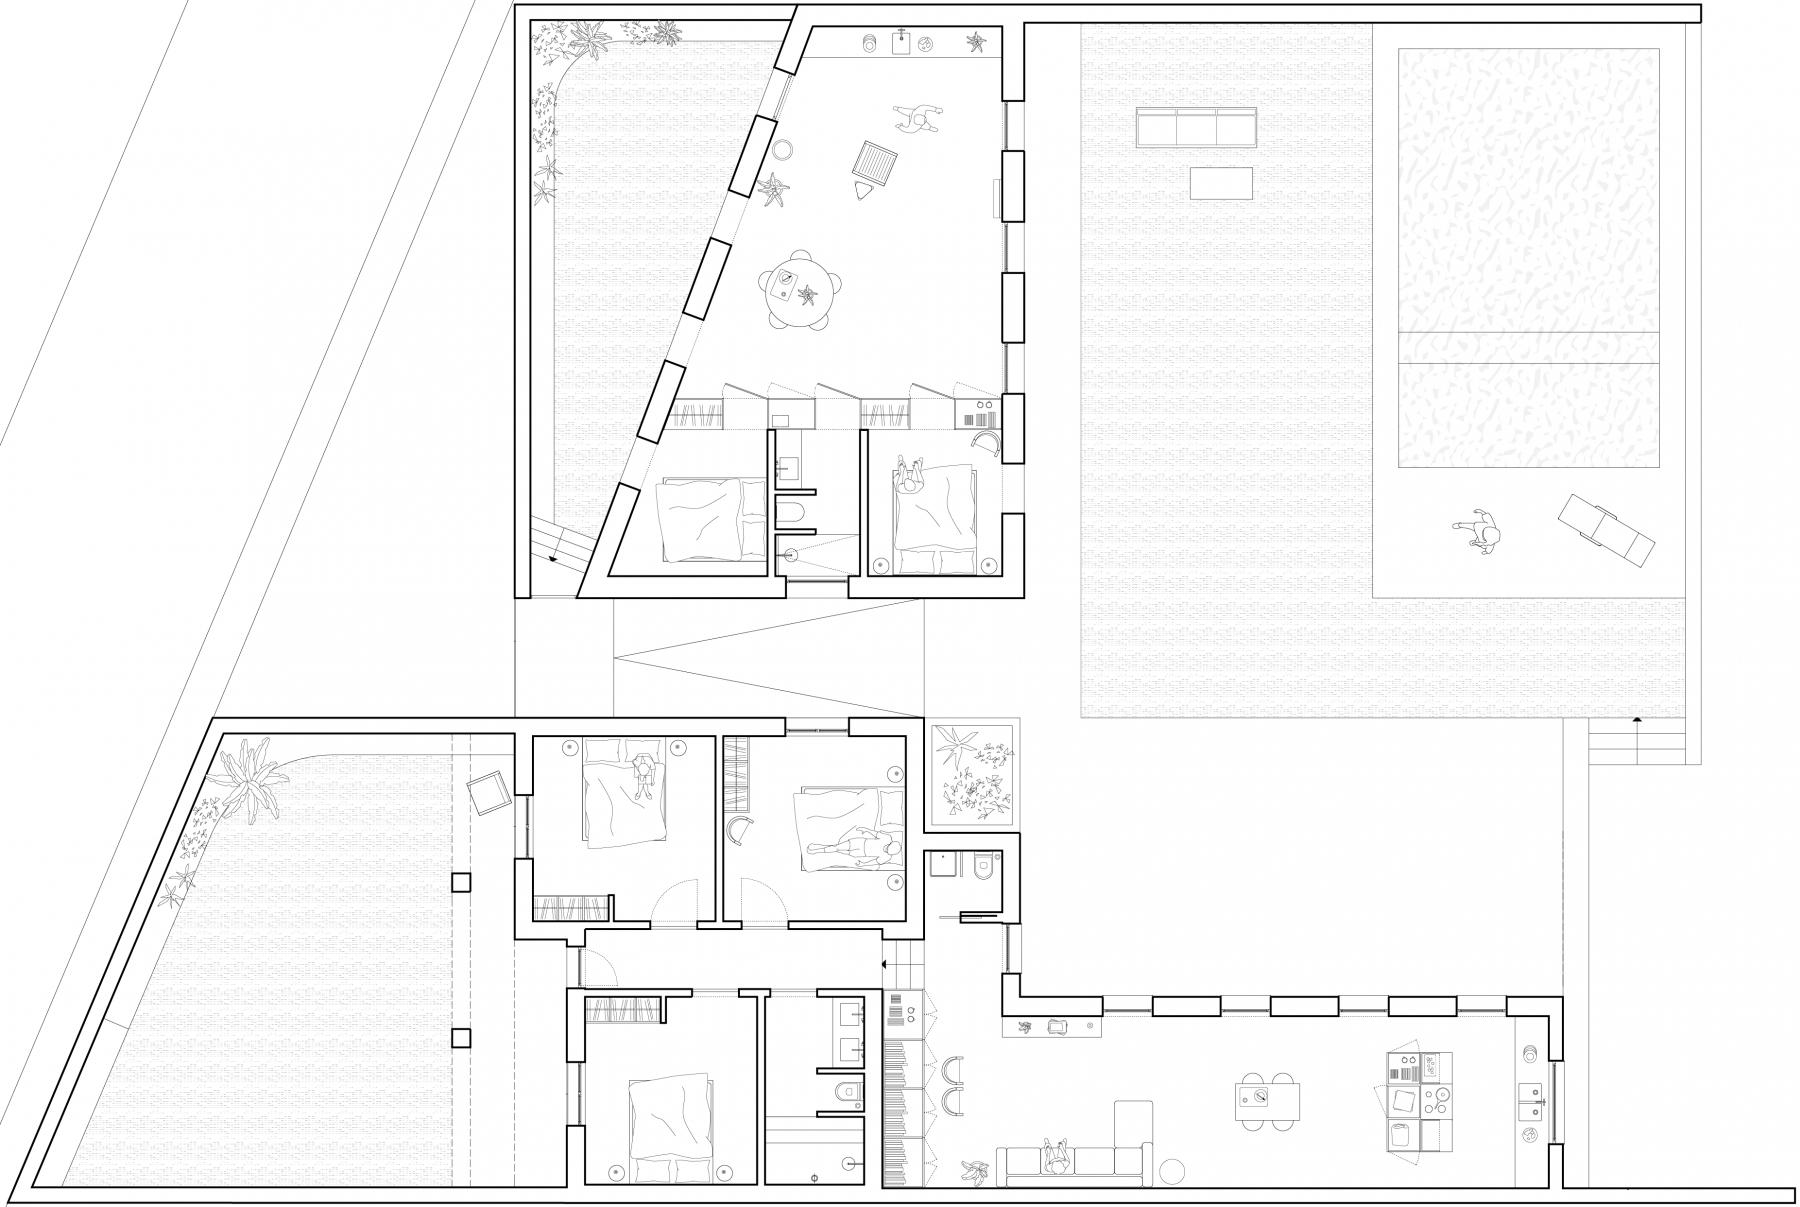 dc ad costa brava architecture plan